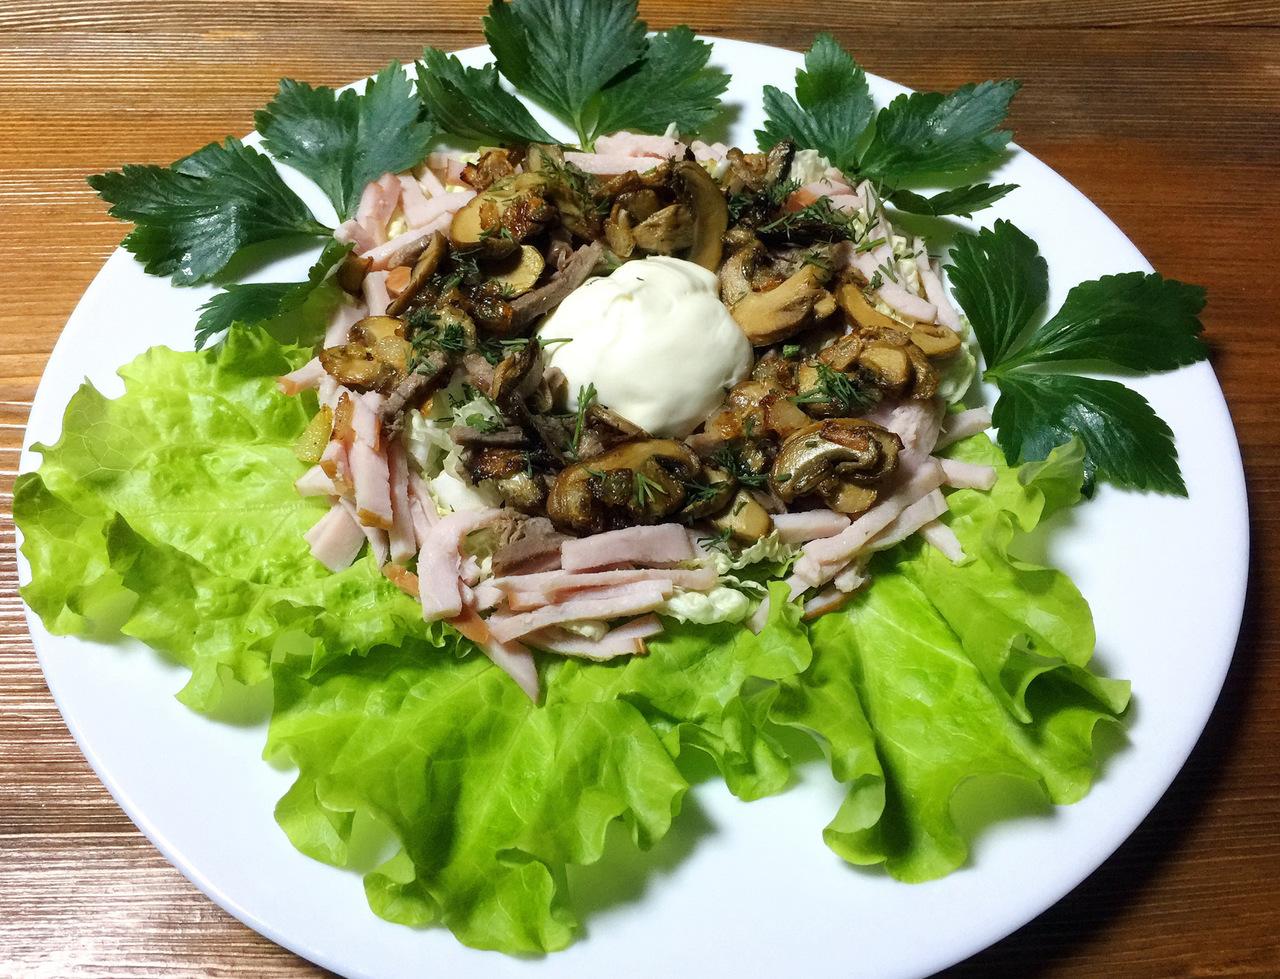 салат гусарский рецепт с фото услугам гостей